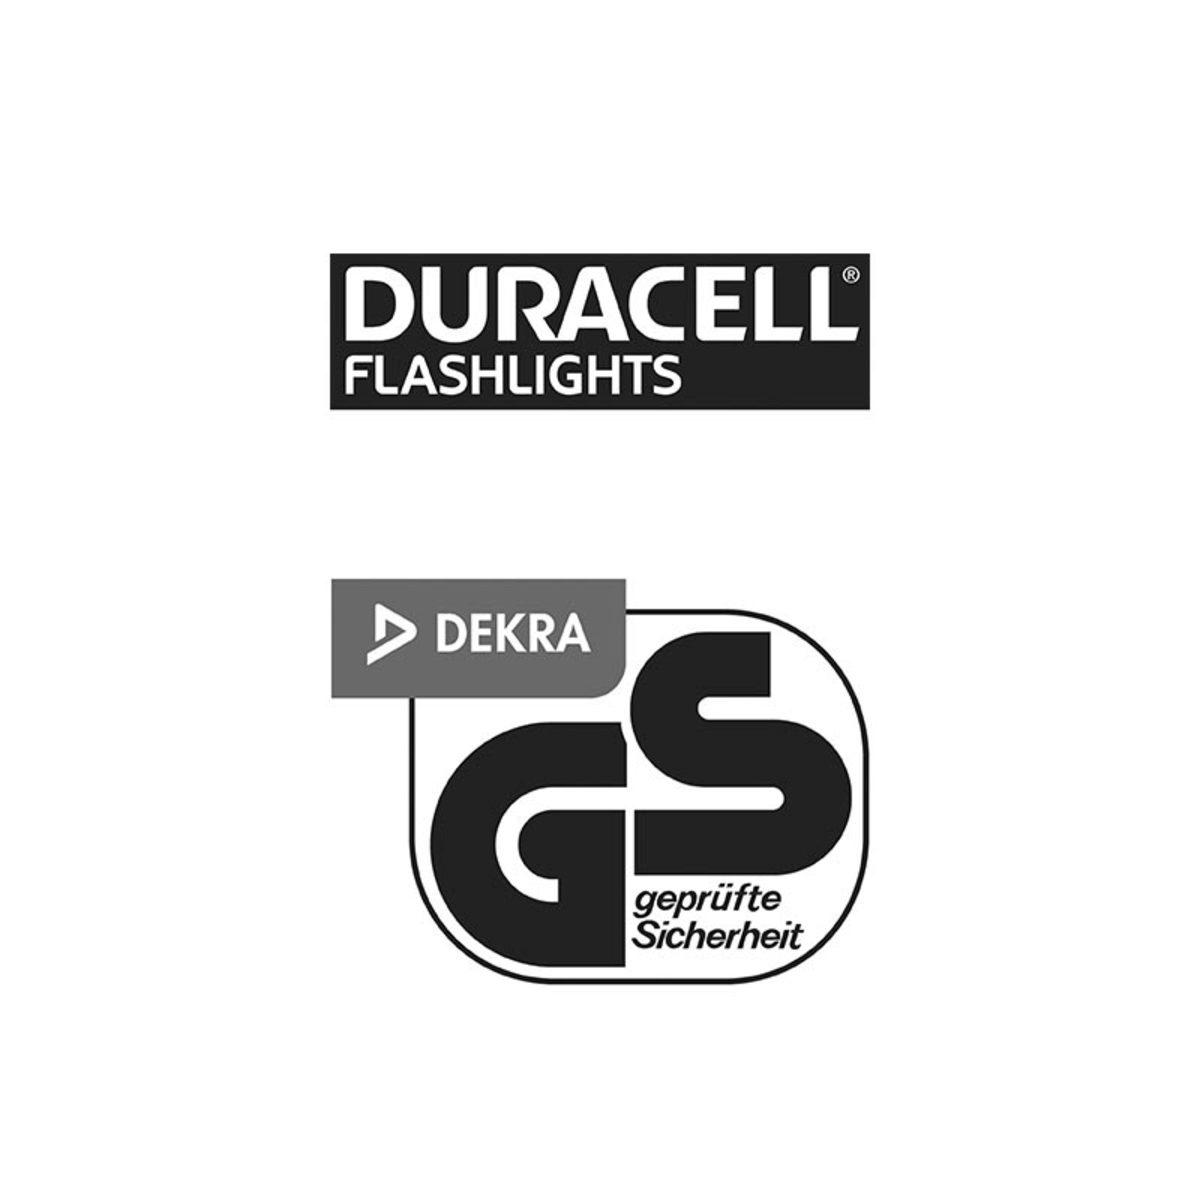 Bild 2 von Duracell LED Fluter 48 Watt - 4000 Lumen